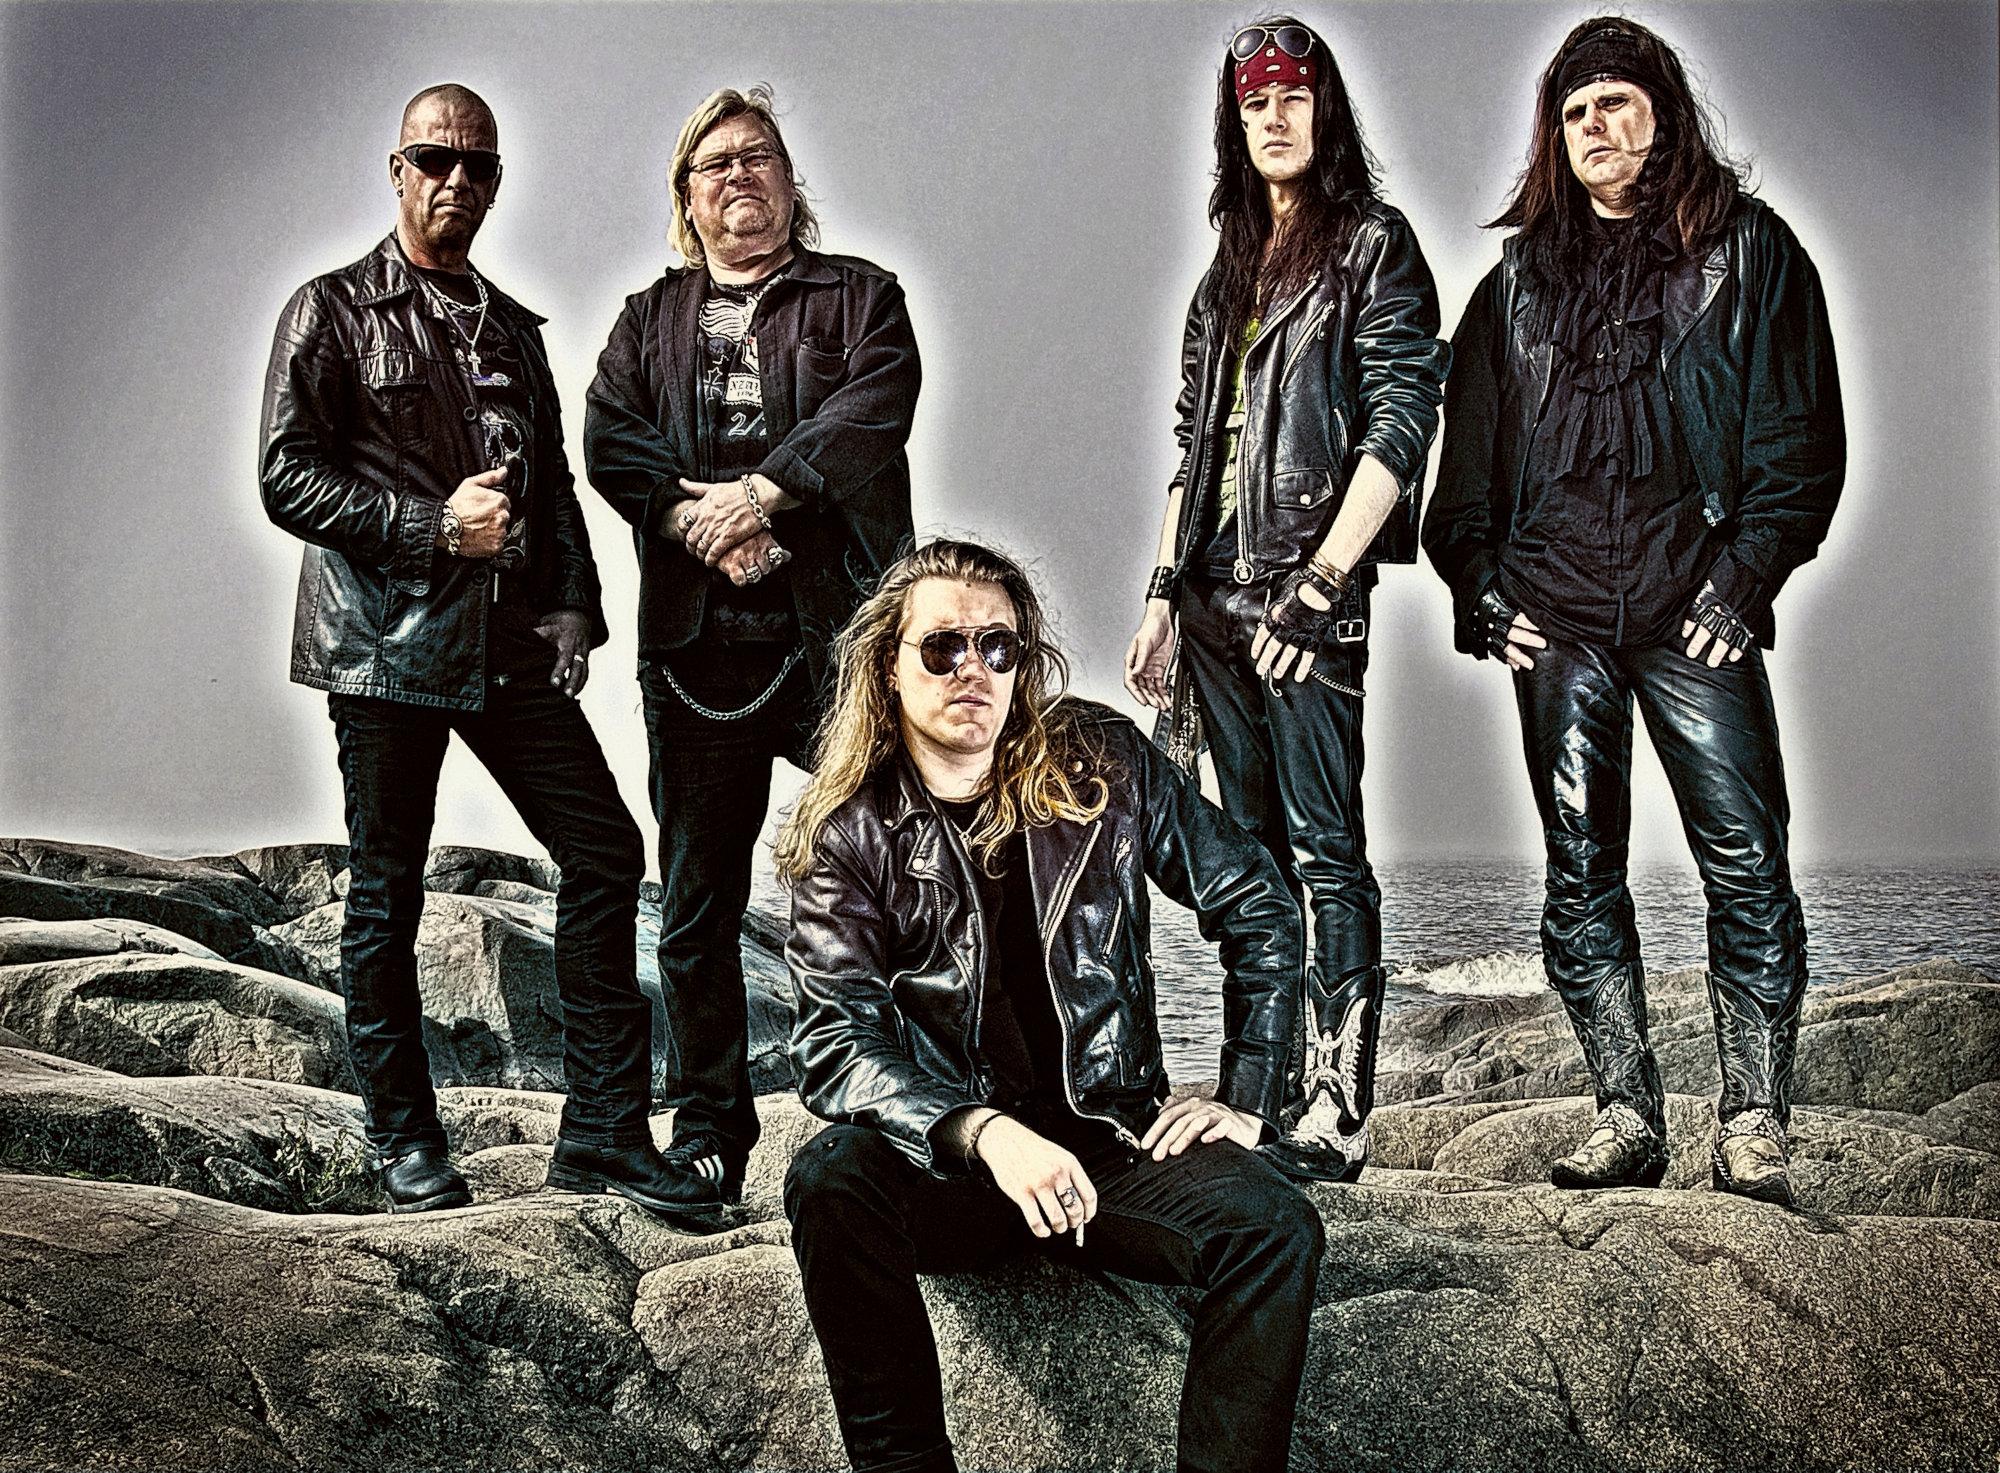 Ein Foto der Heavy-Metal-Band Oz